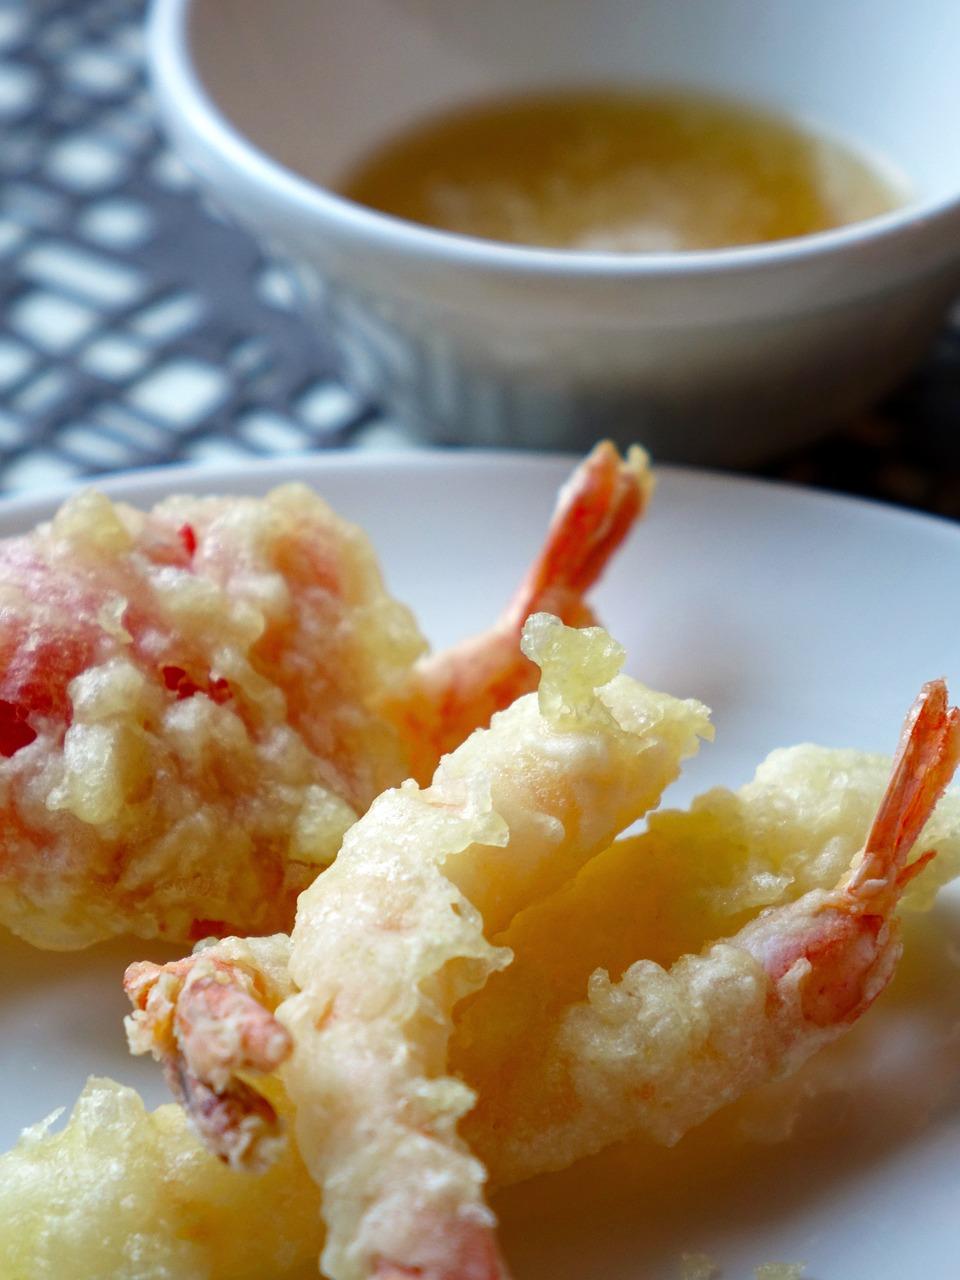 天ぷら鍋の正しい洗い方とは?重層などの便利グッズを紹介!